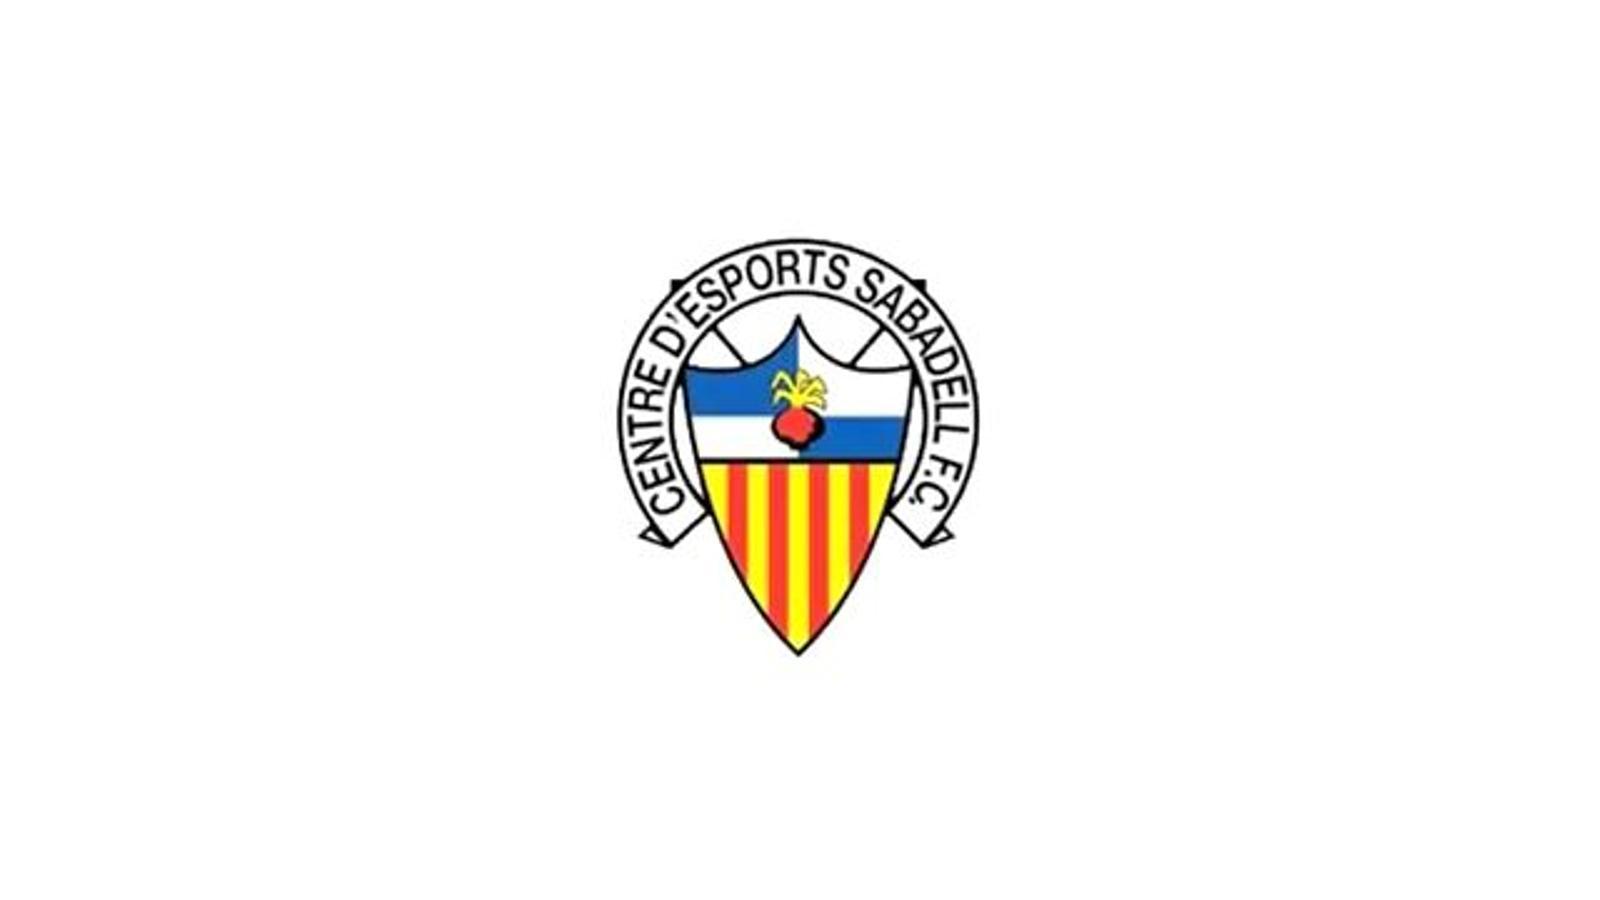 El president del CE Sabadell, Joan Soteras, anima a la ciutat a fer-se soci amb un emotiu vídeo.